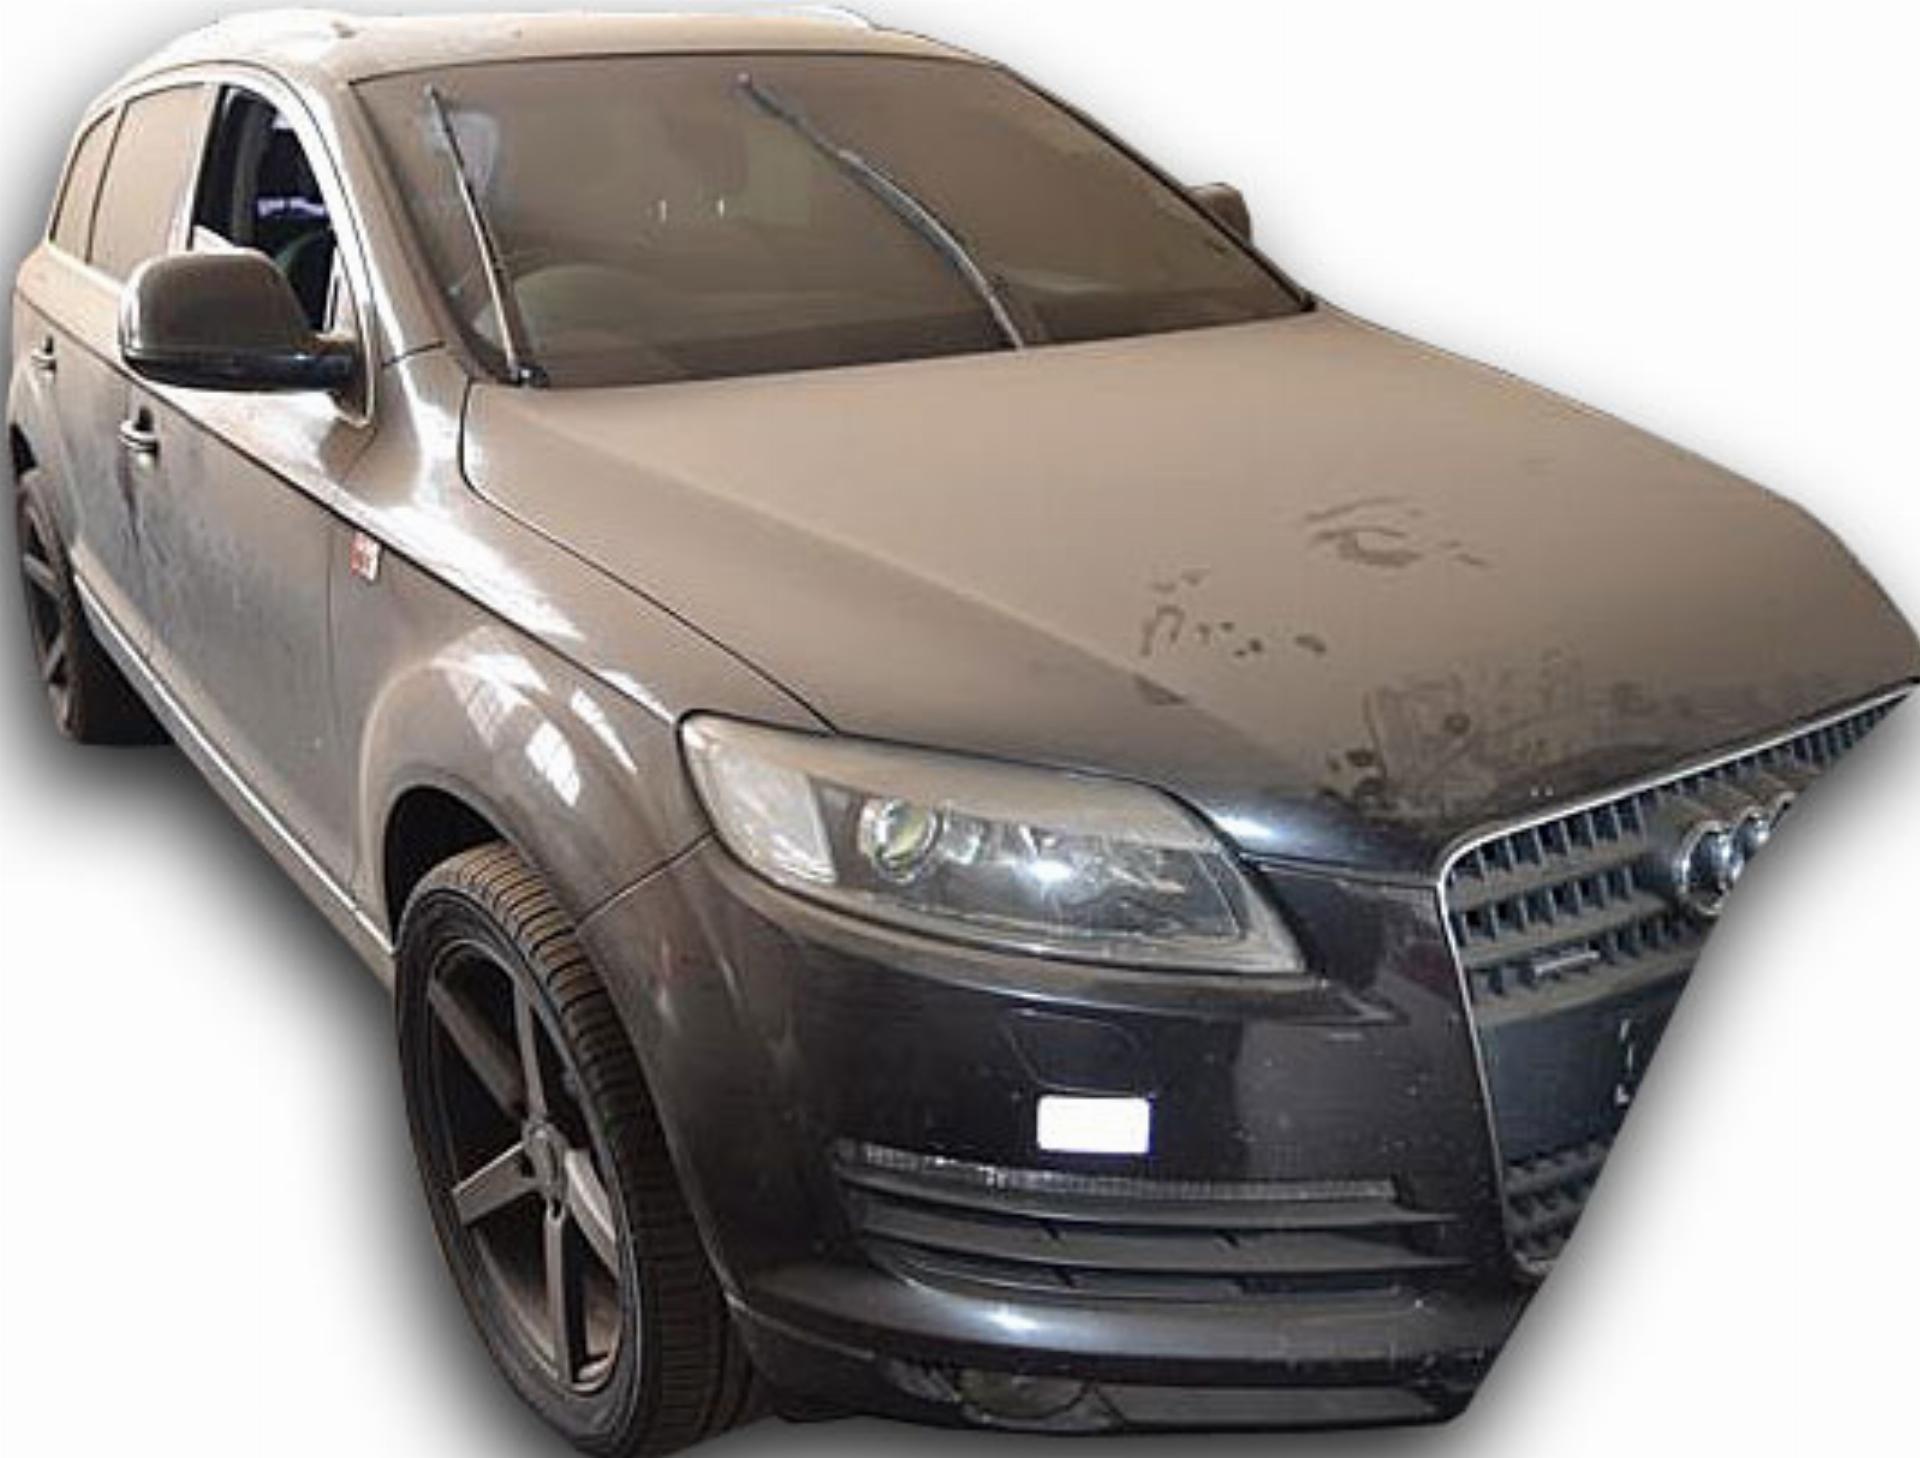 Audi Q7 RS V8 4.2 Fsi